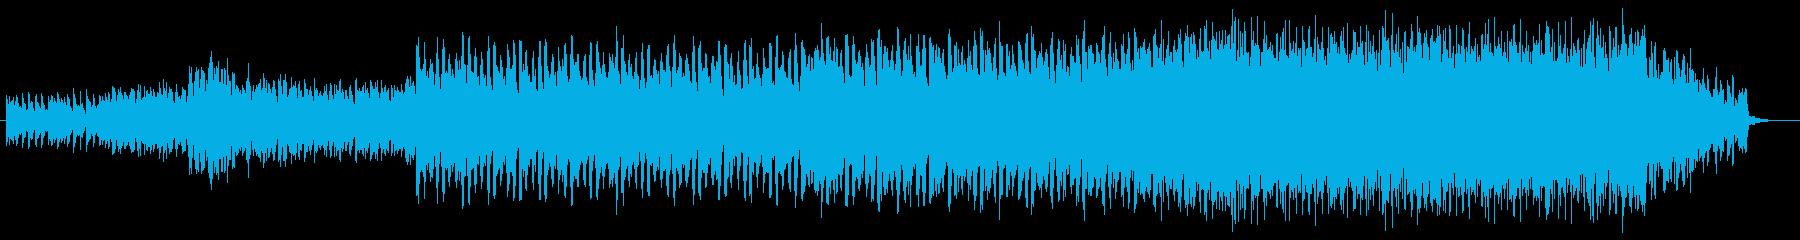 ポップでセンチメンタルなピアノテクノの再生済みの波形